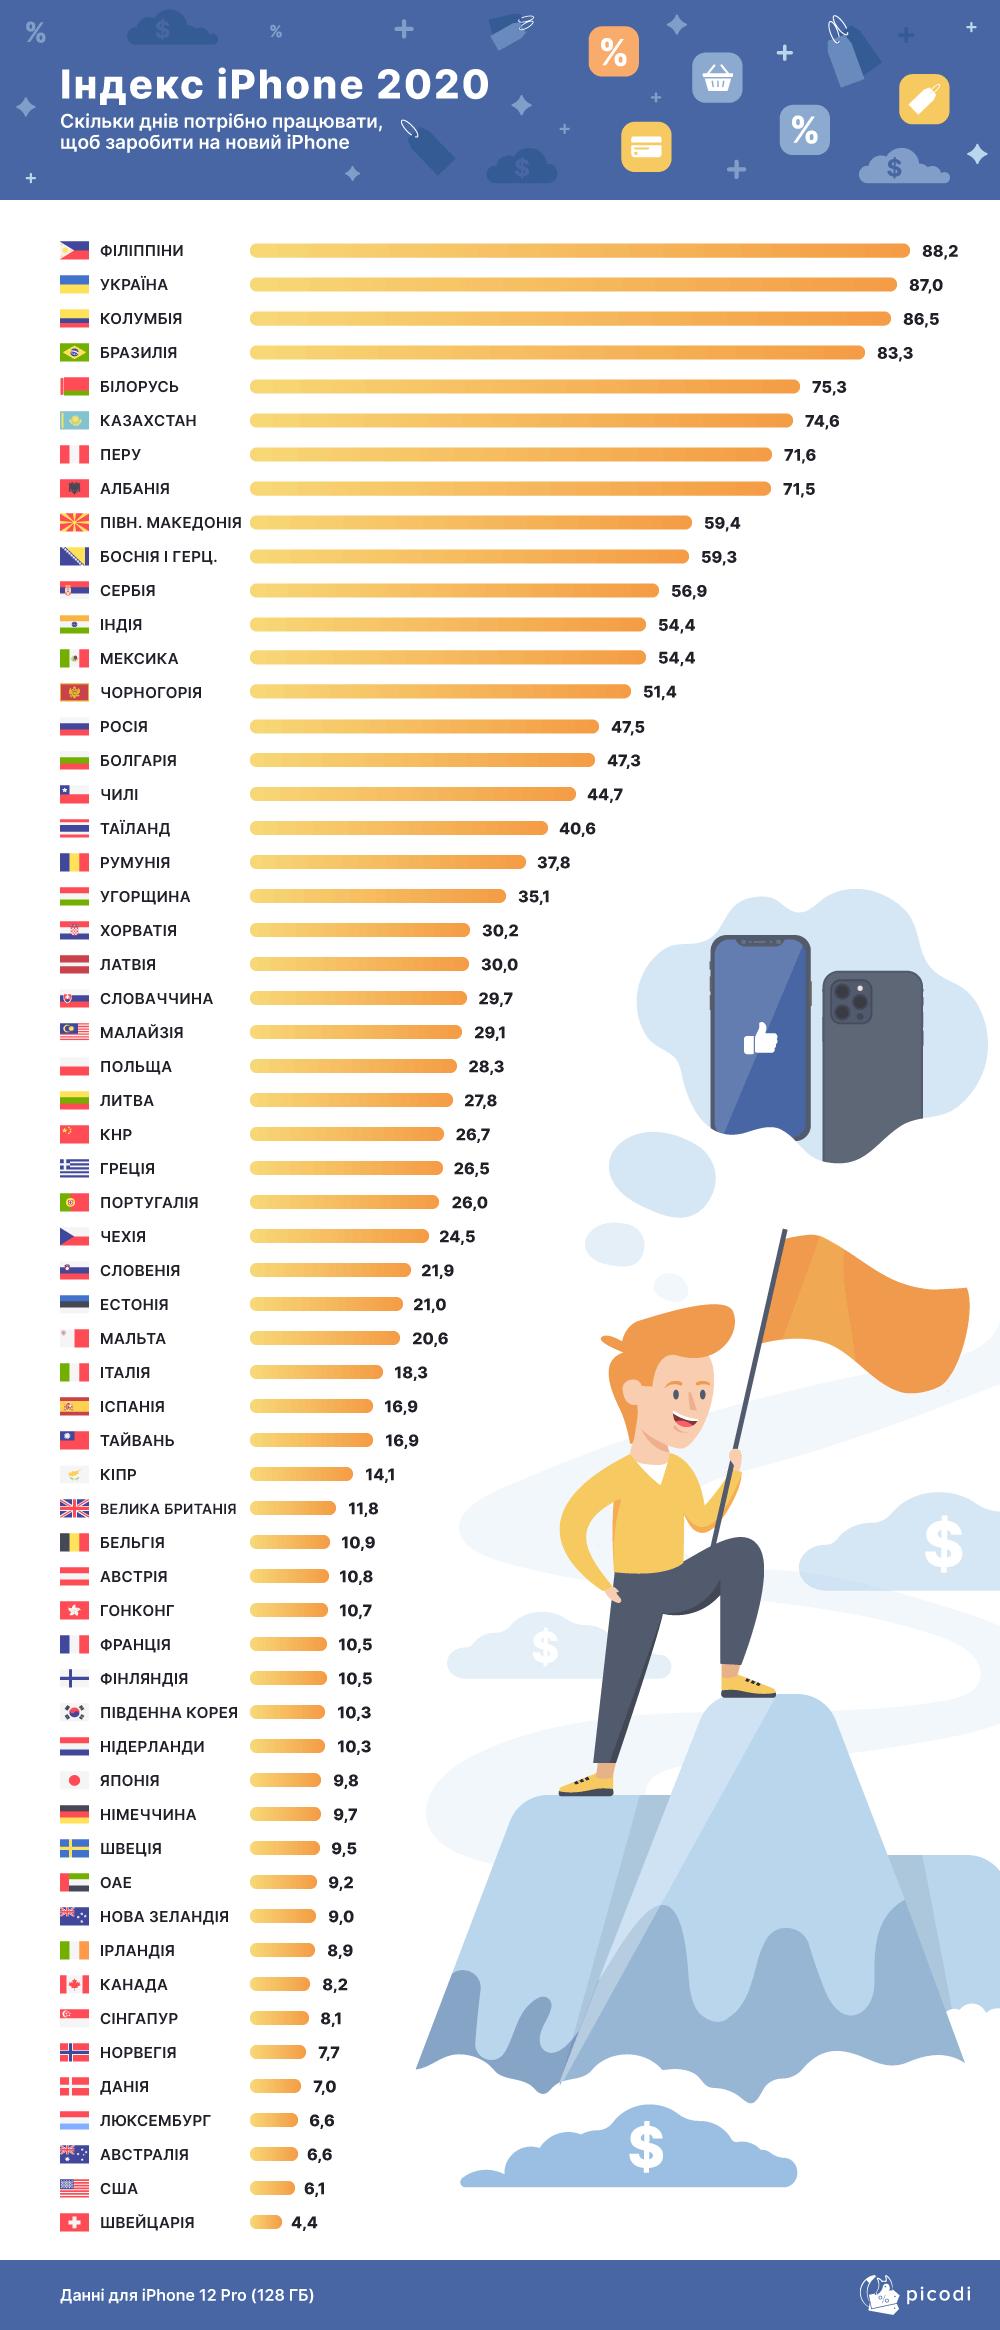 ua iphone index 2020